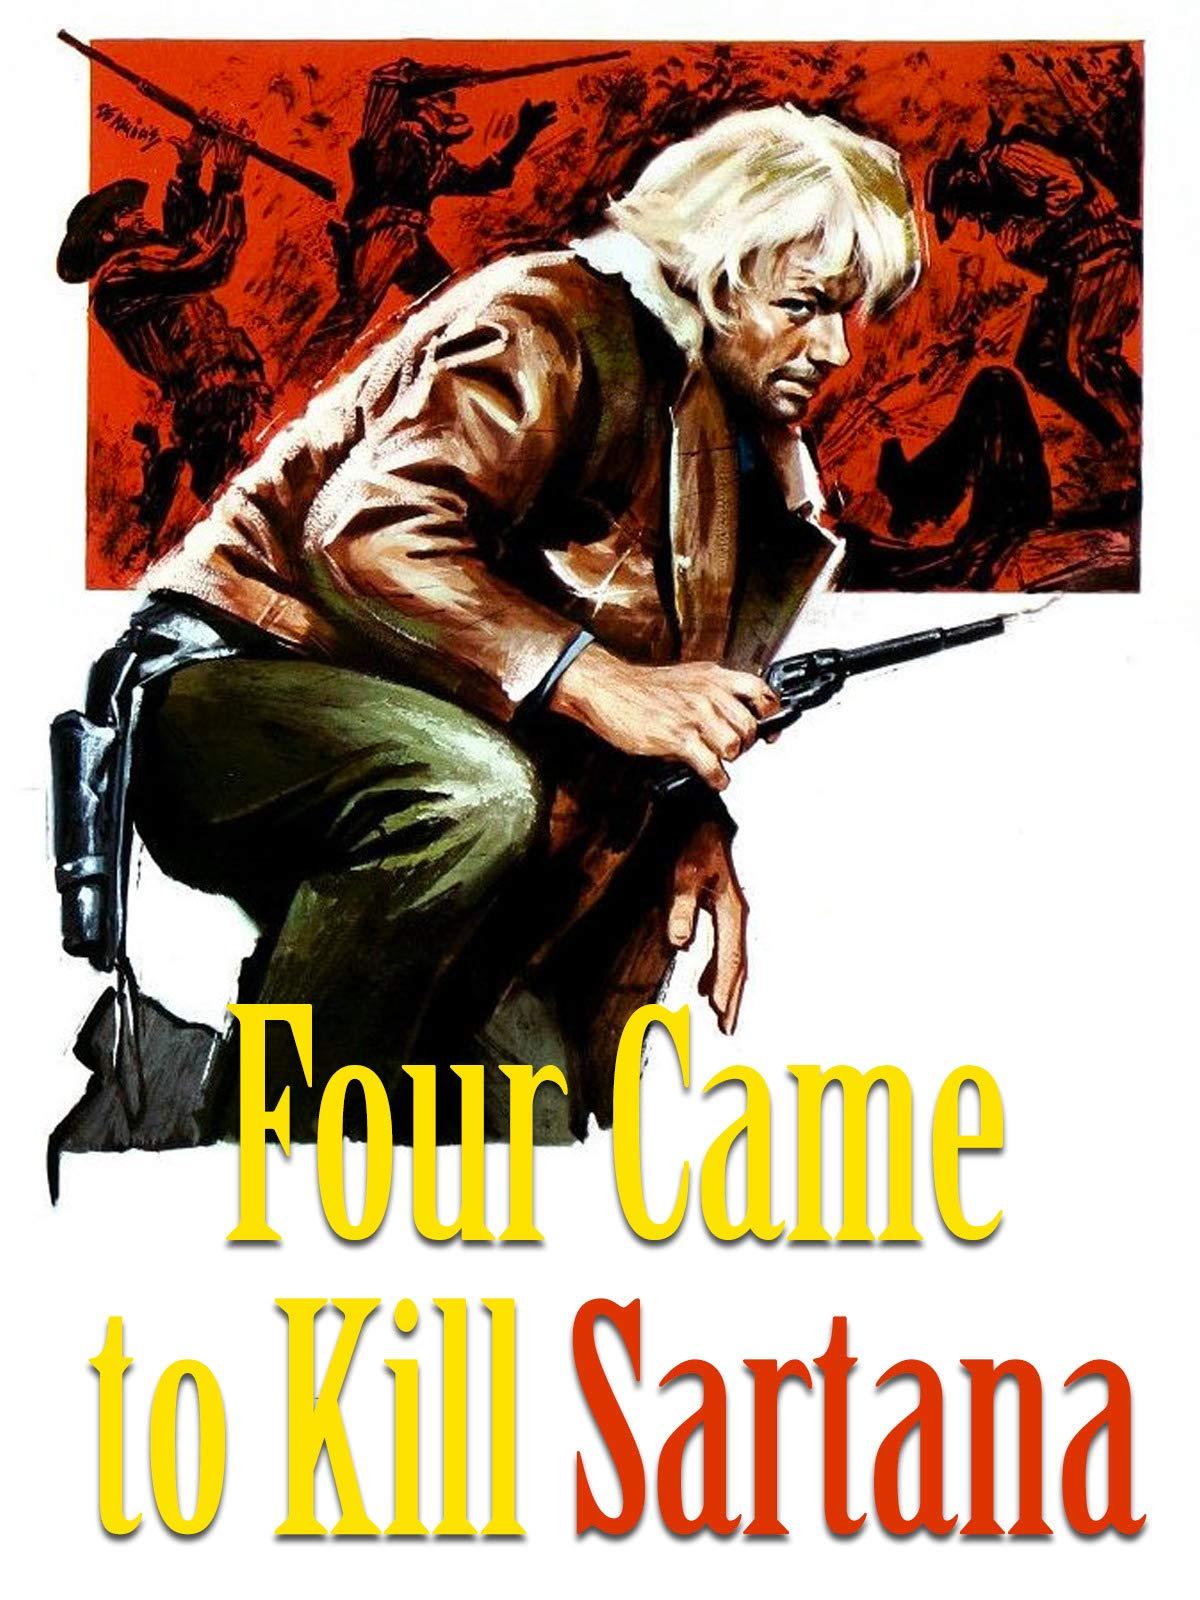 Four Came to Kill Sartana